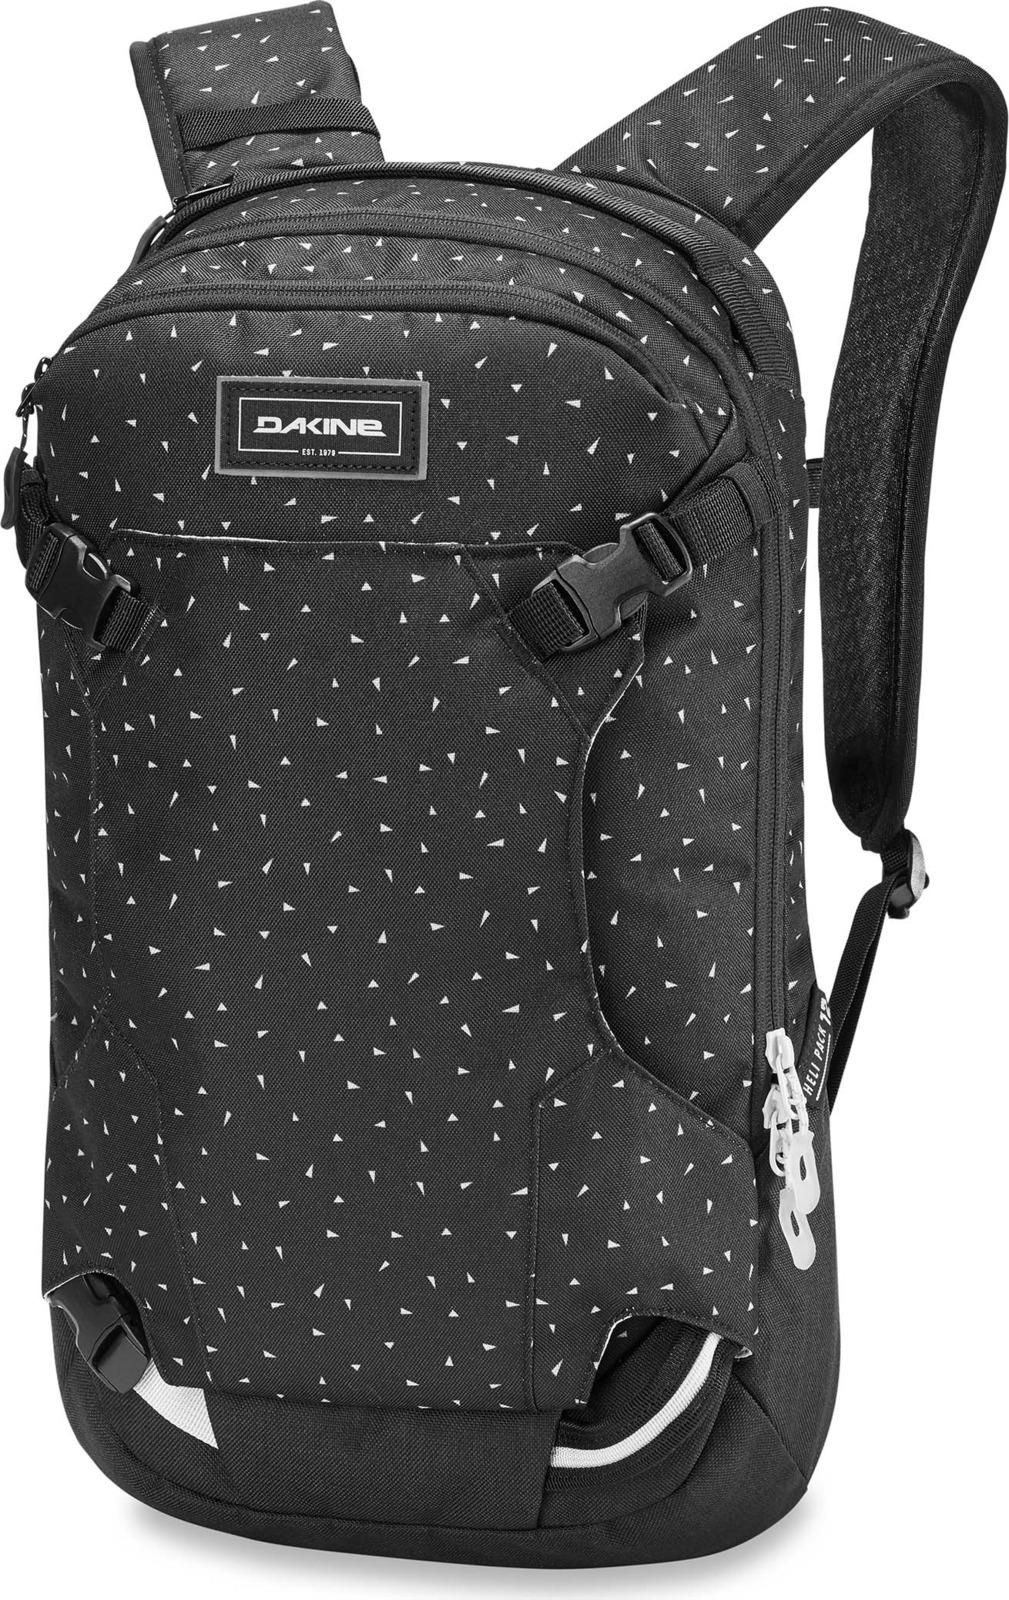 Рюкзак женский Dakine Women's Heli Pack, цвет: черный, 12 л oiwas ноутбук рюкзак мода случайные